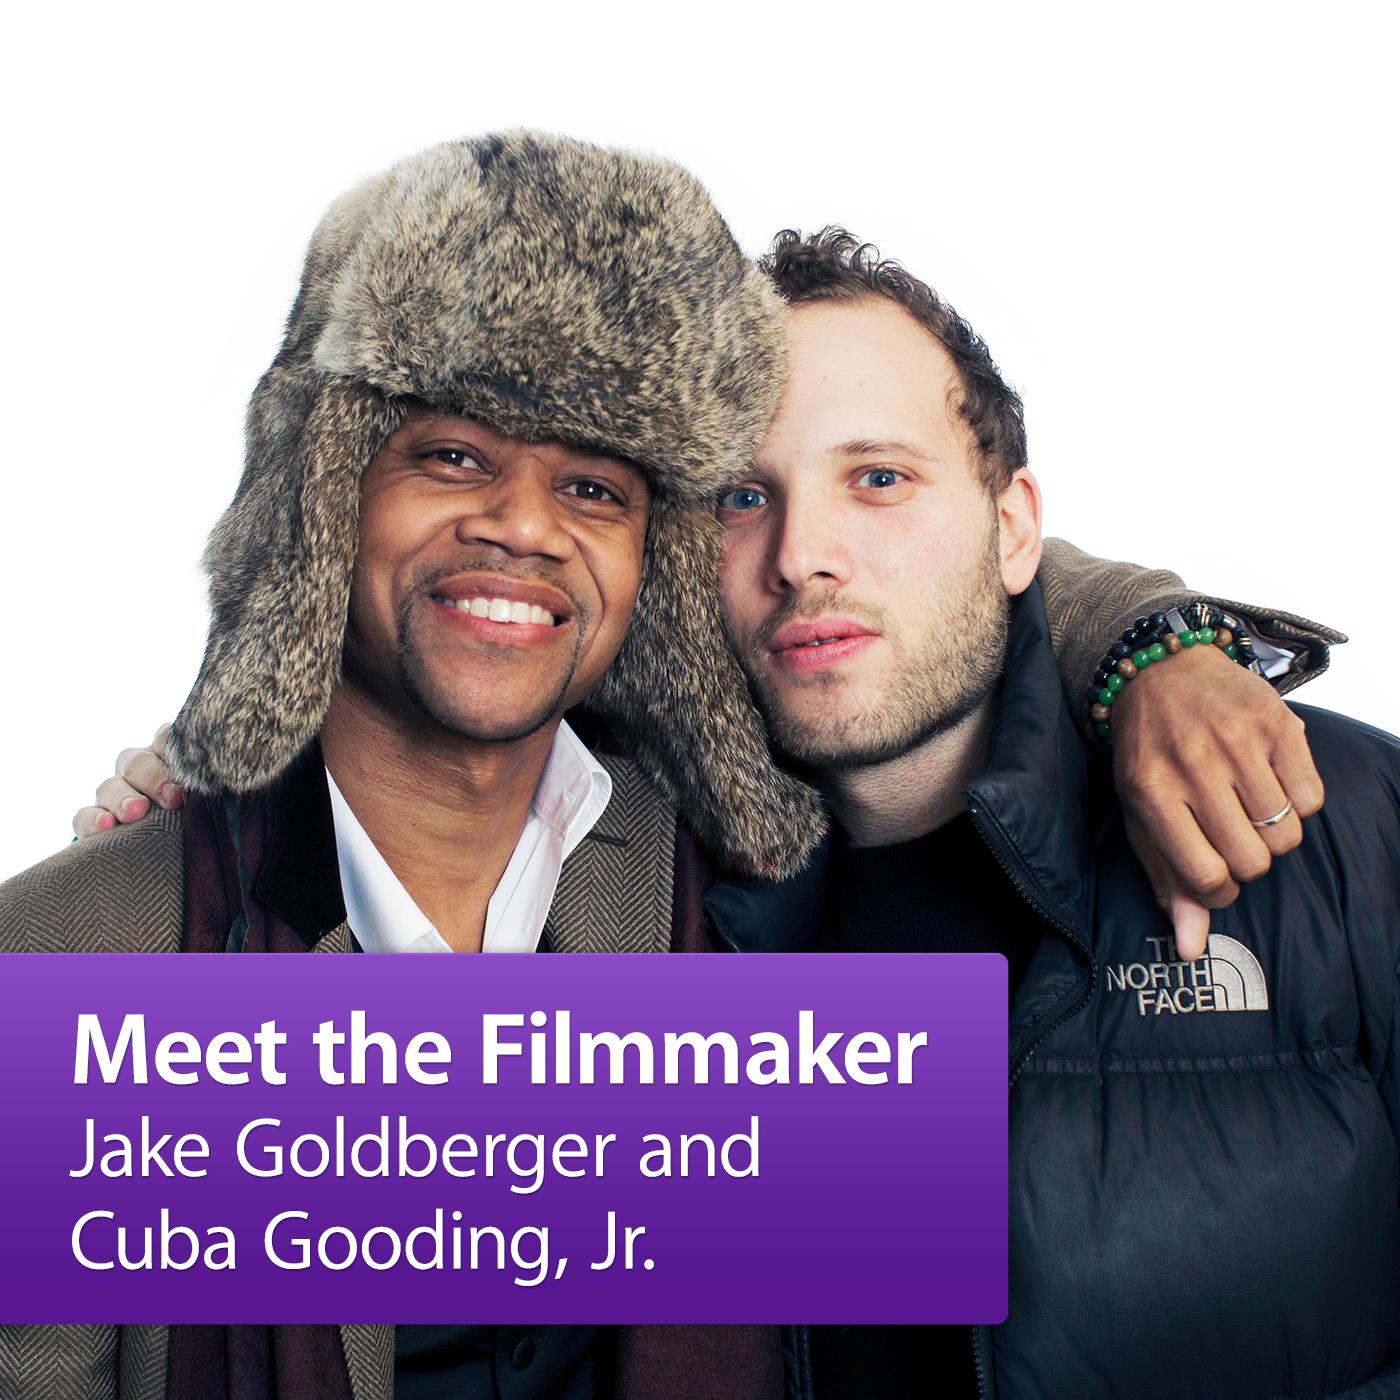 Jake Goldberger and Cuba Gooding, Jr.: Meet the Filmmaker